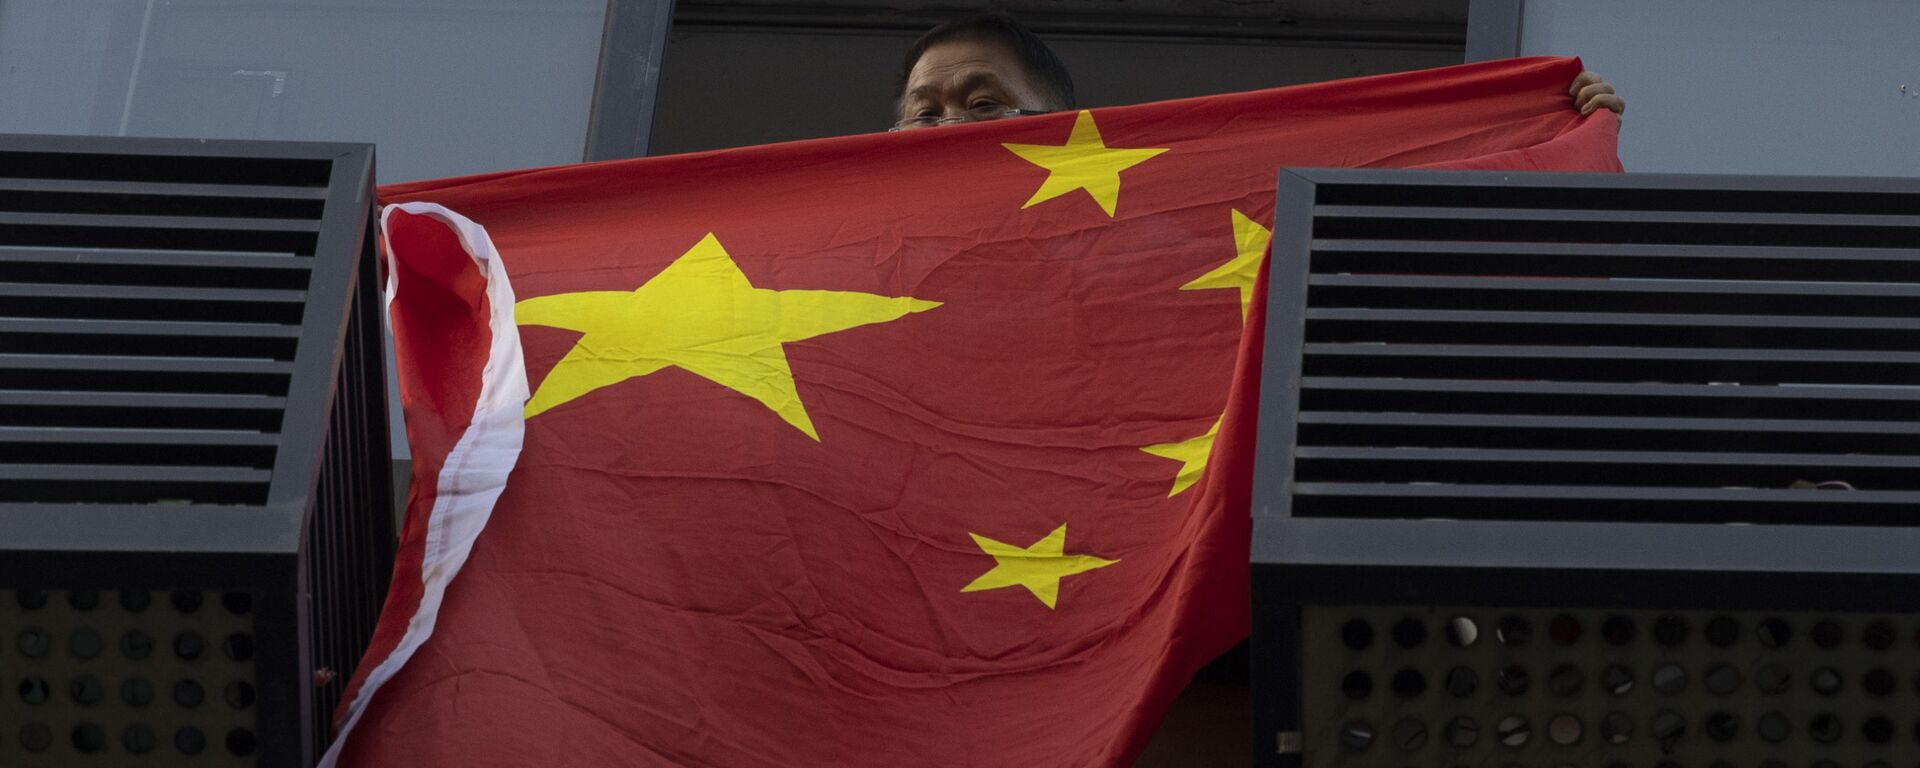 Kina zastava - Sputnik Srbija, 1920, 15.06.2021